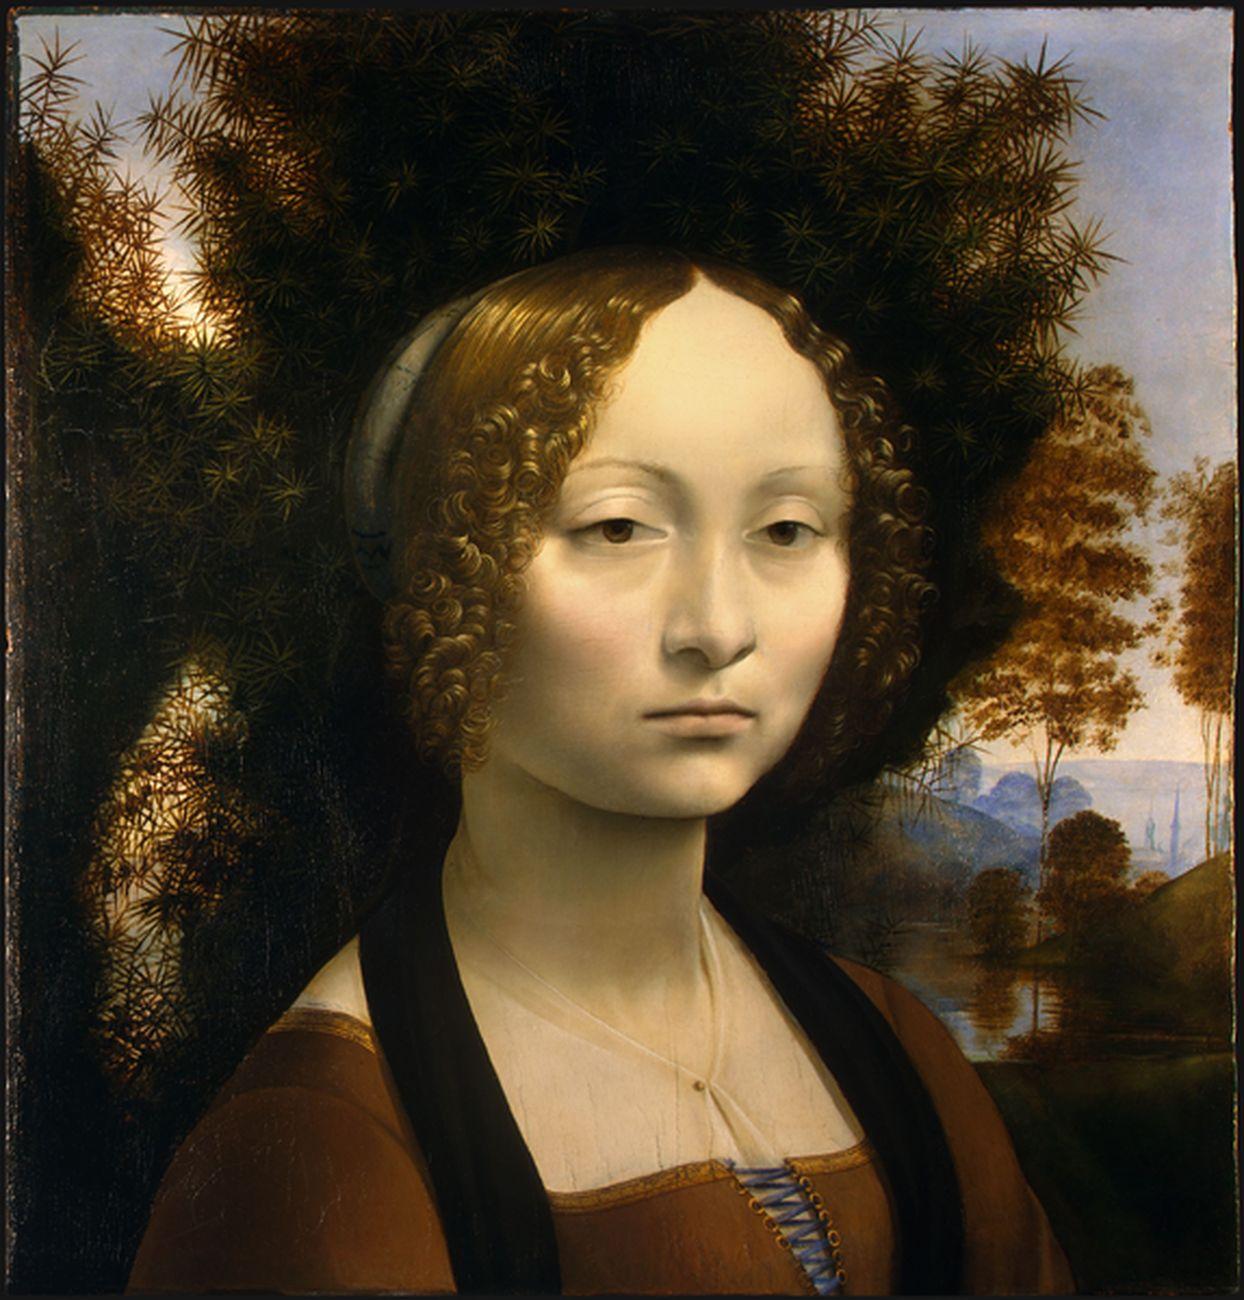 Leonardo da Vinci, Ginevra Benci. National Gallery of Art, Washington. Gli stretti legami del dipinto con l'arte fiamminga di Van Eyck escludono che il vero maestro di pittura di Leonardo sia stato Verrocchio